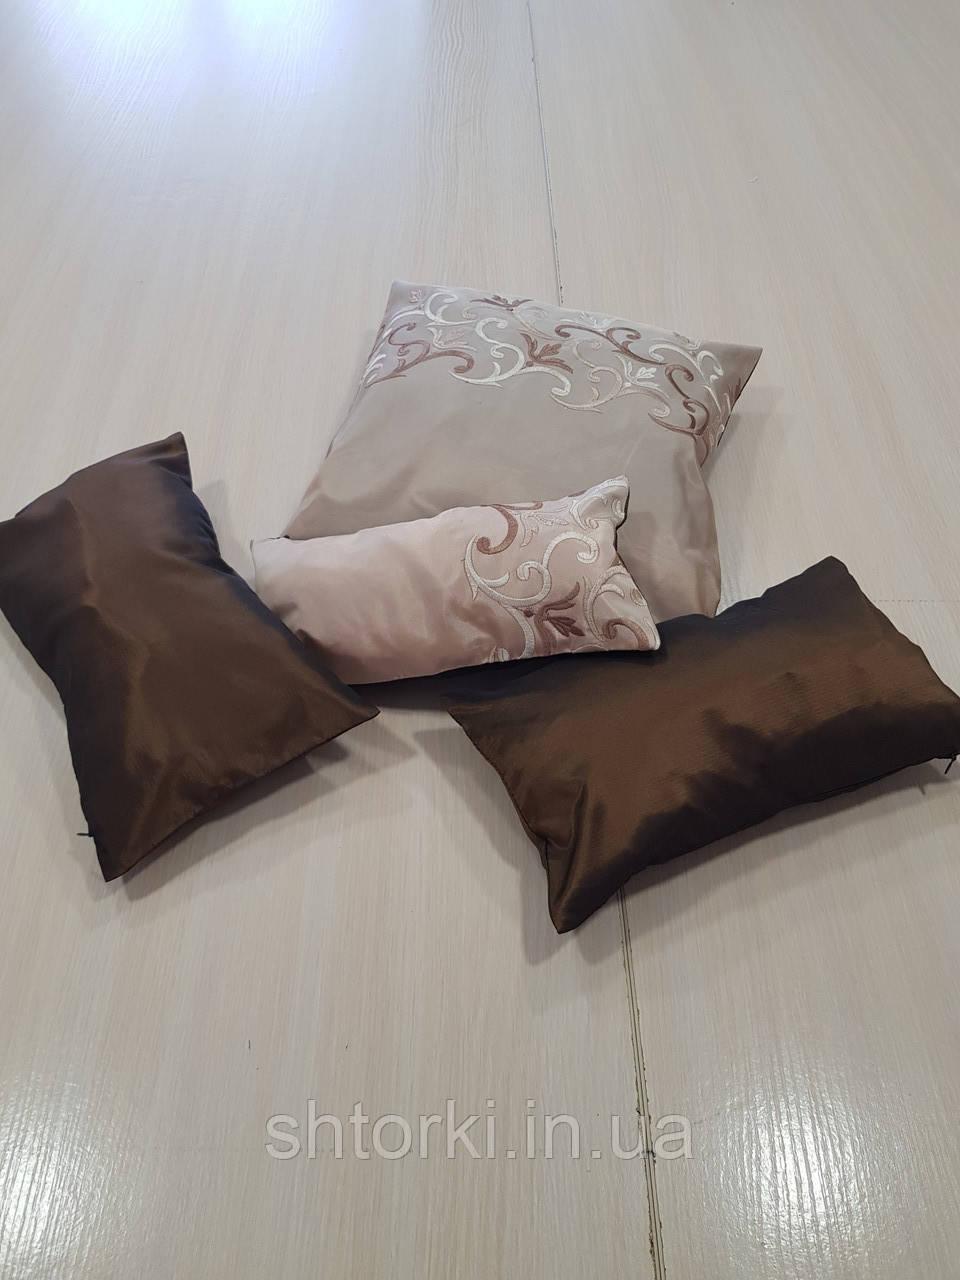 Комплект подушок шоколадні і бежеві з горизонтальним візерунком, 4шт